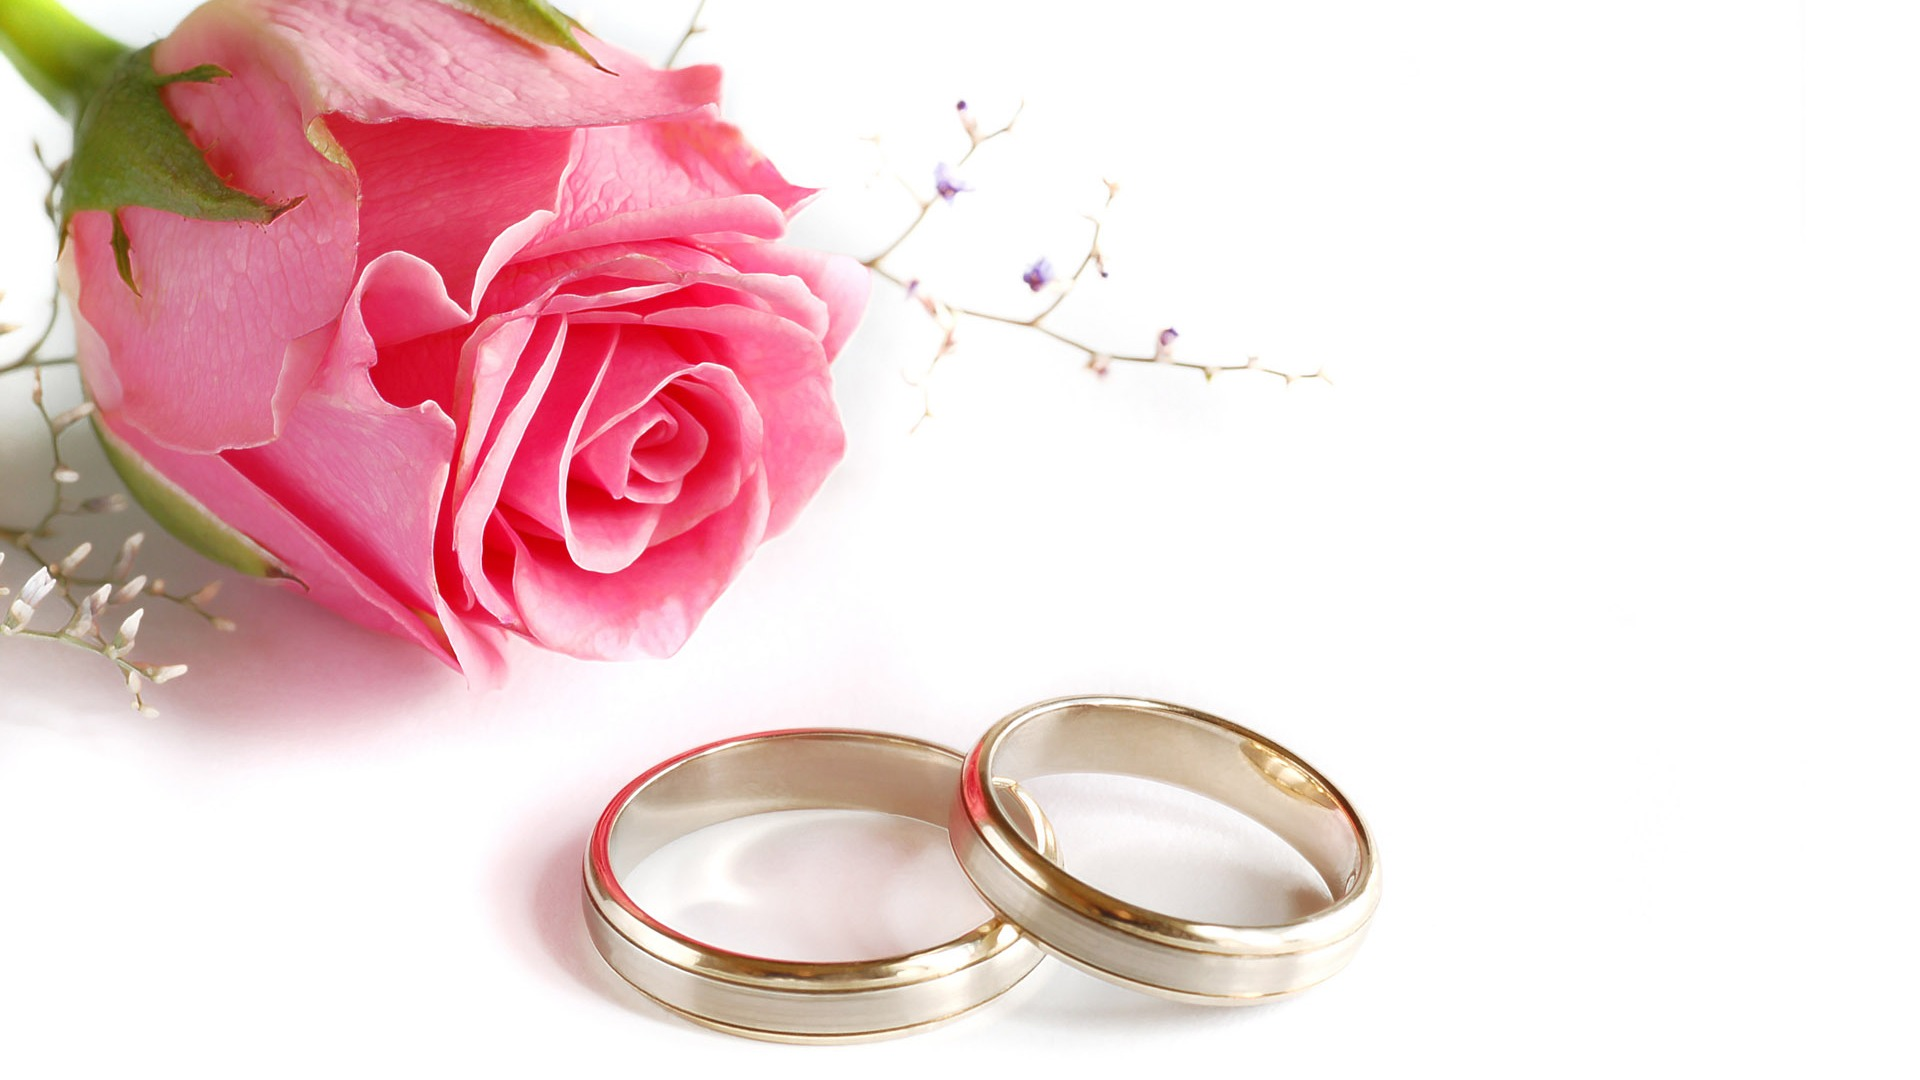 Mariage et papier peint anneau de mariage (2) #12 - 1920x1080 Fond d ...